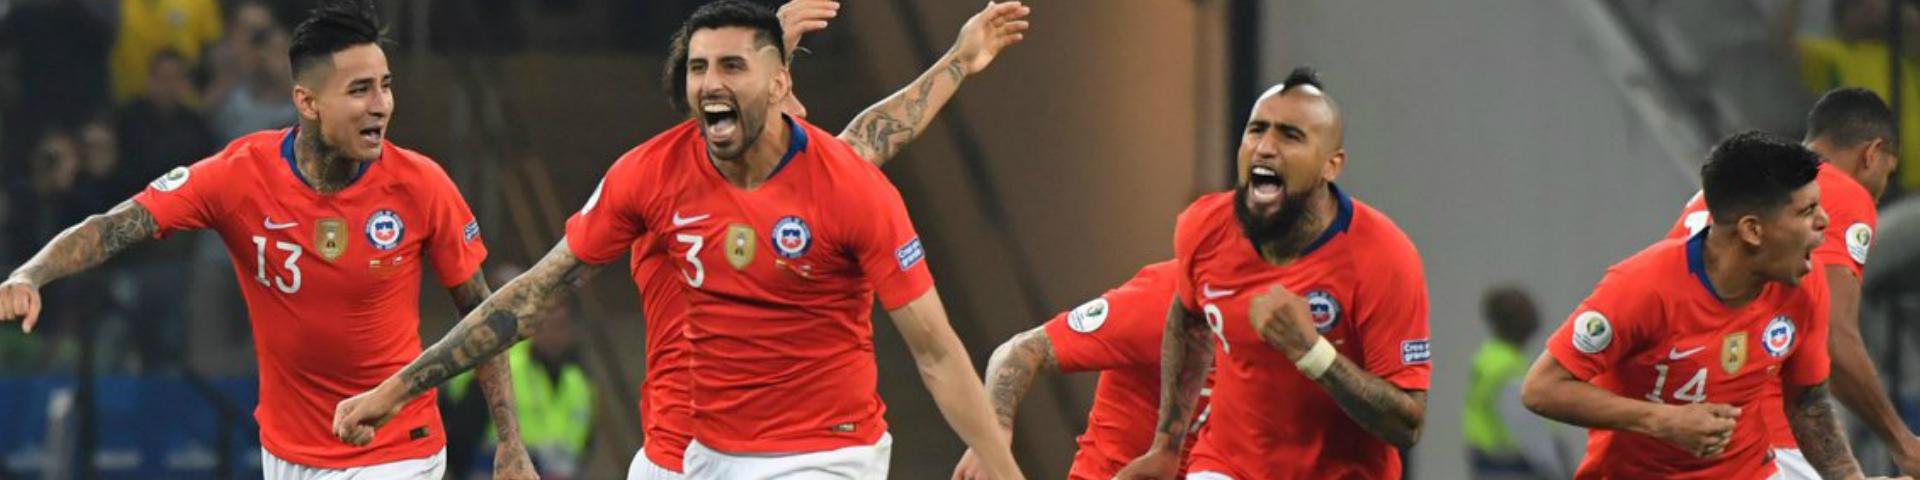 Сборная Чили прошла в полуфинал Кубка Америки